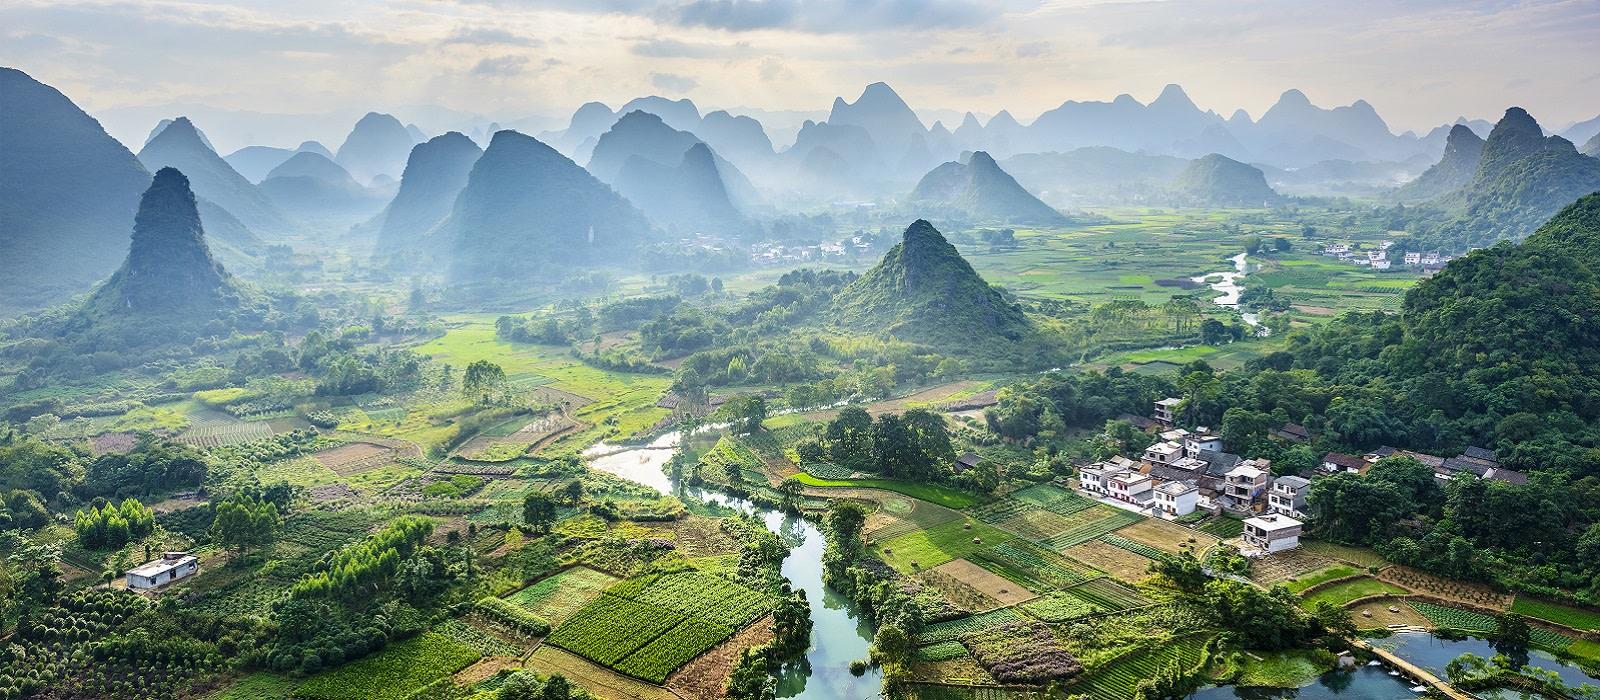 Enchanting Travels China Travel Guide